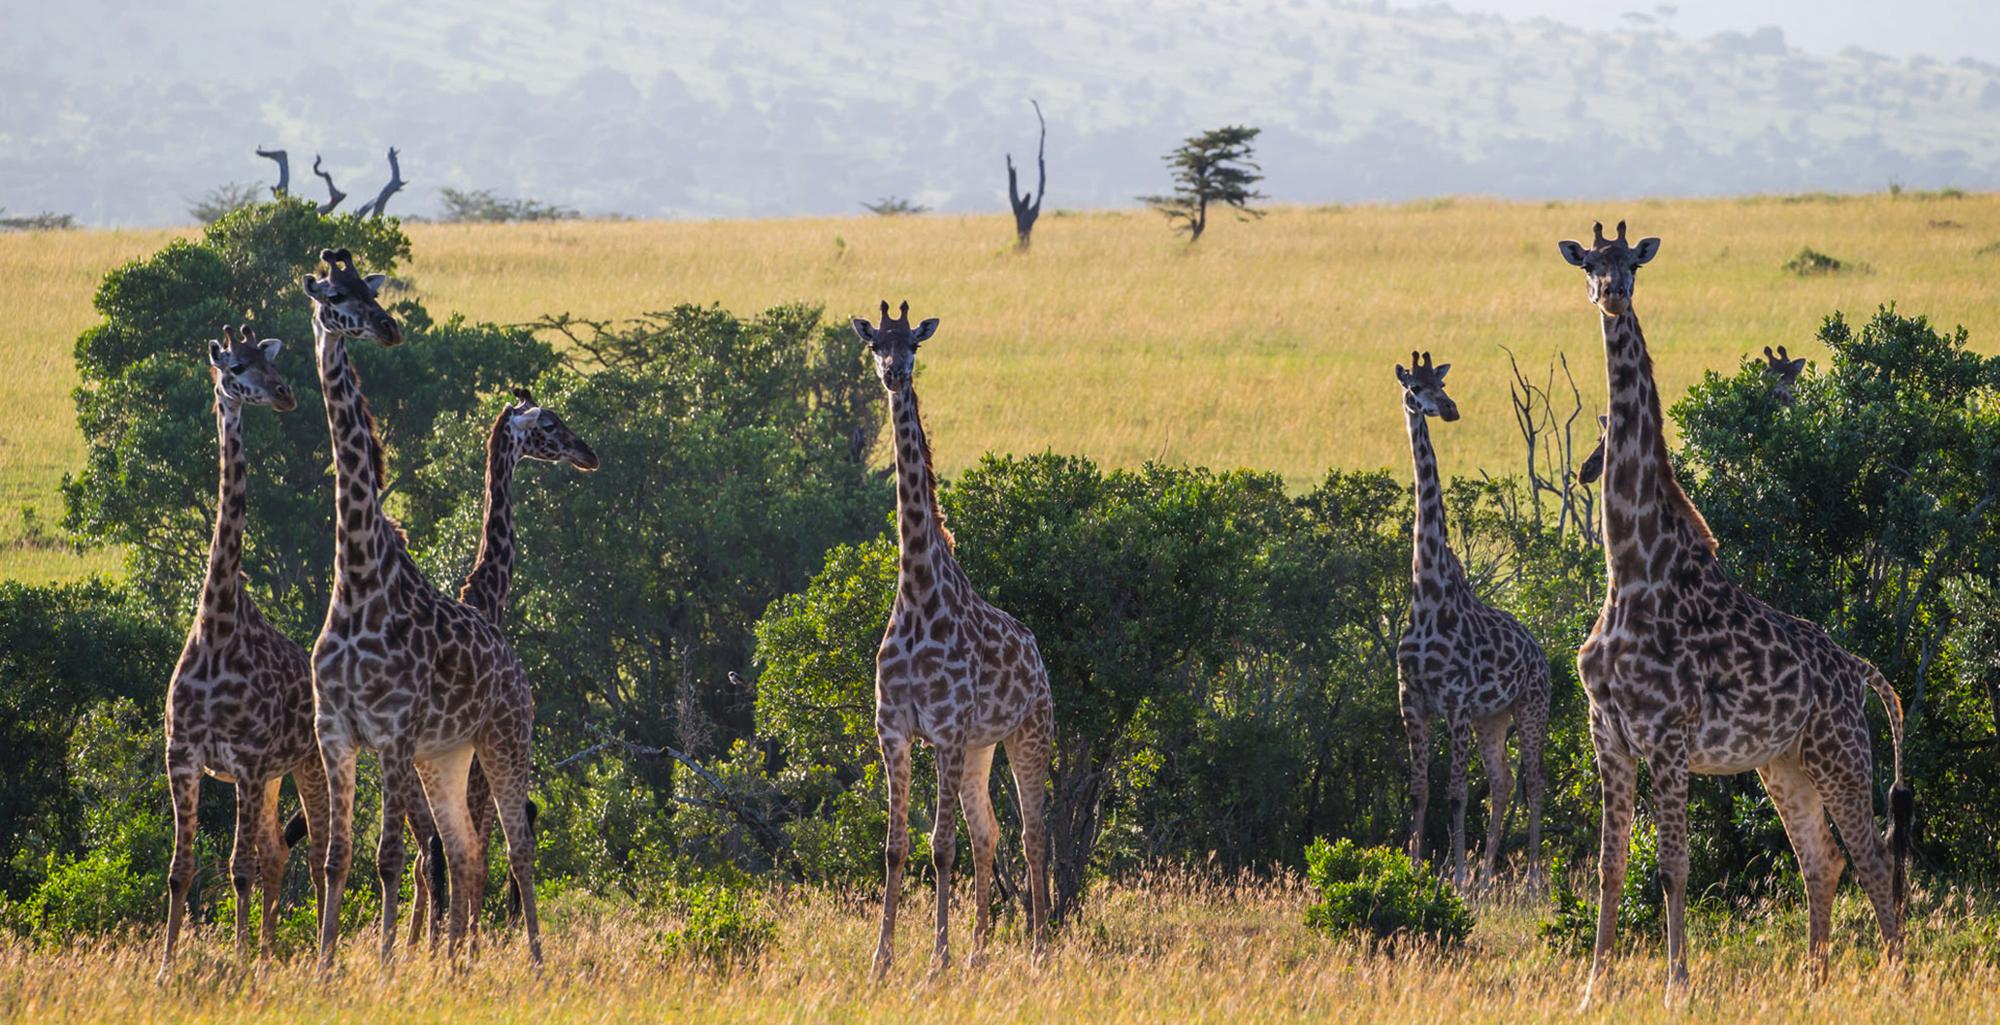 Tanzania-Loliondo-Serengeti-Giraffe